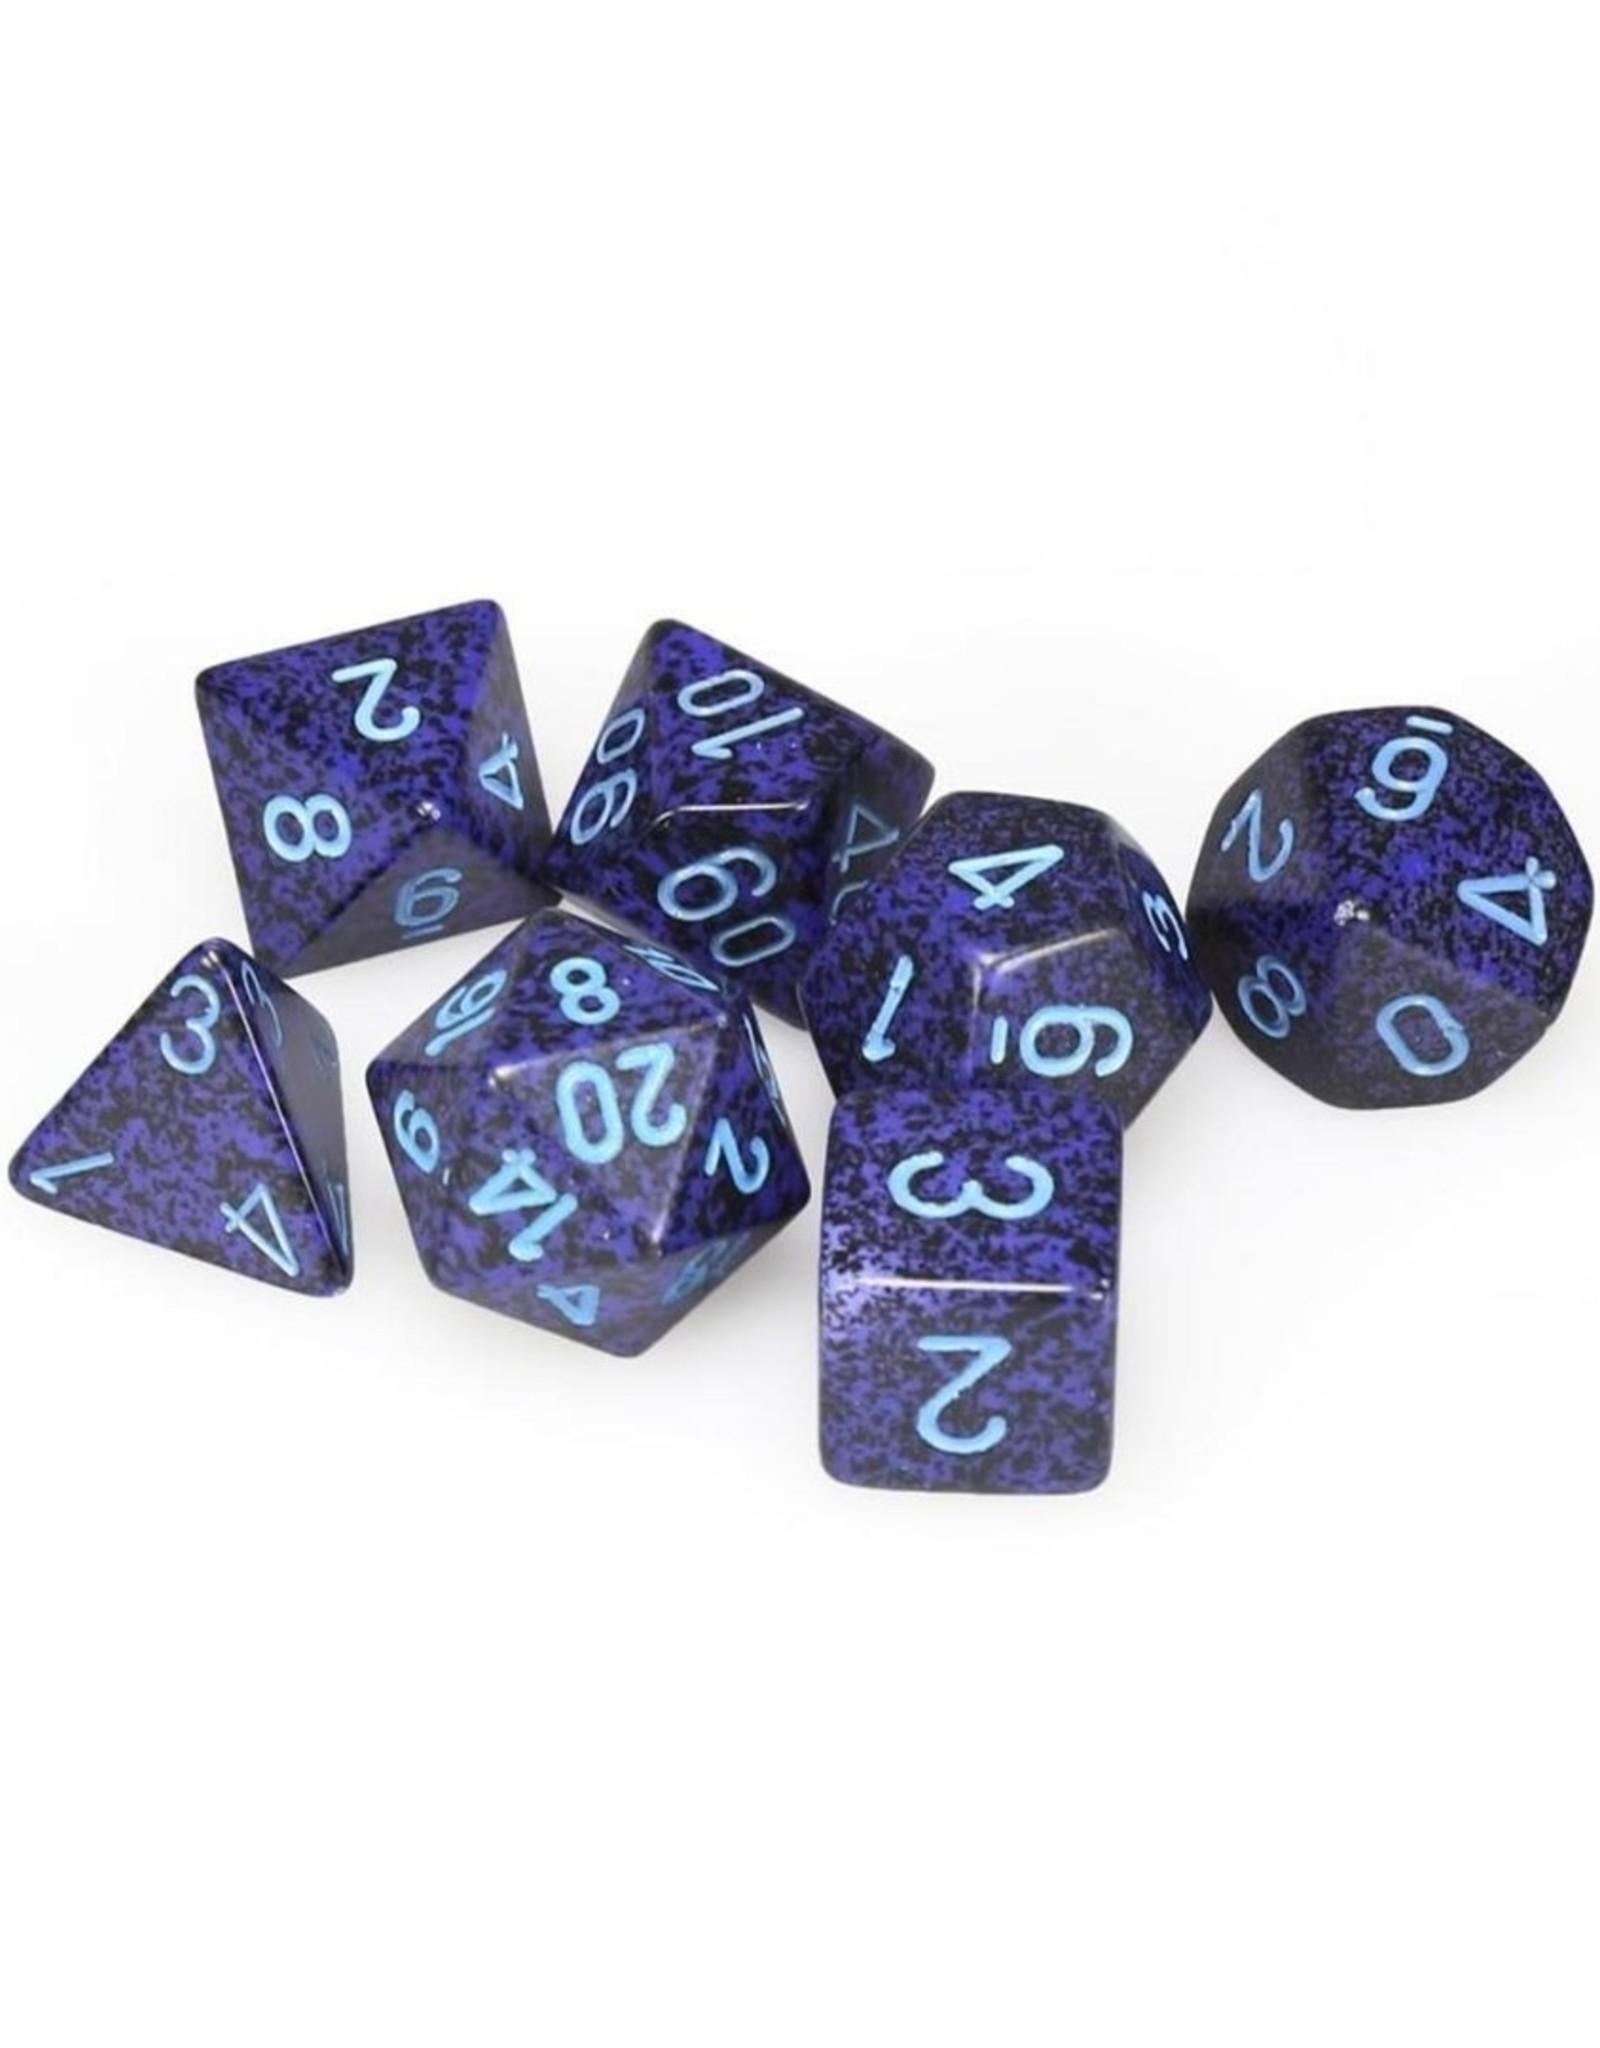 Chessex Chessex 7-Die set Speckled - Cobalt